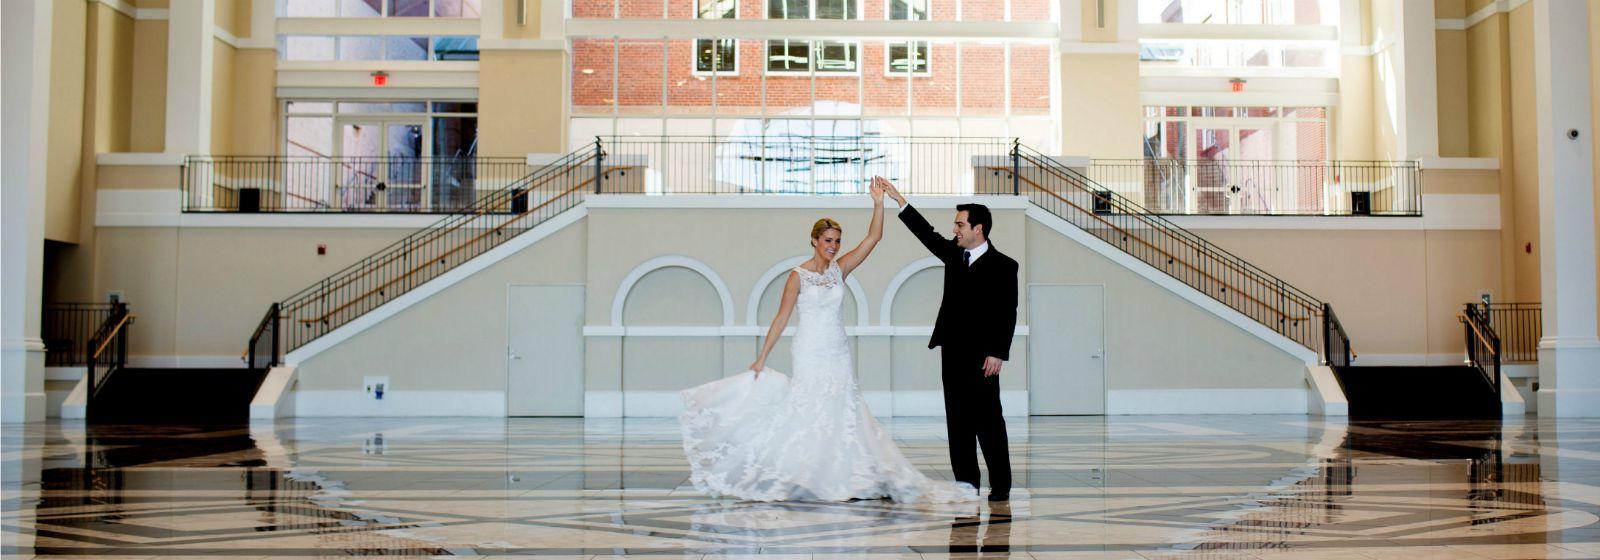 Oconee Events Outdoor Wedding Als In Athens Ga